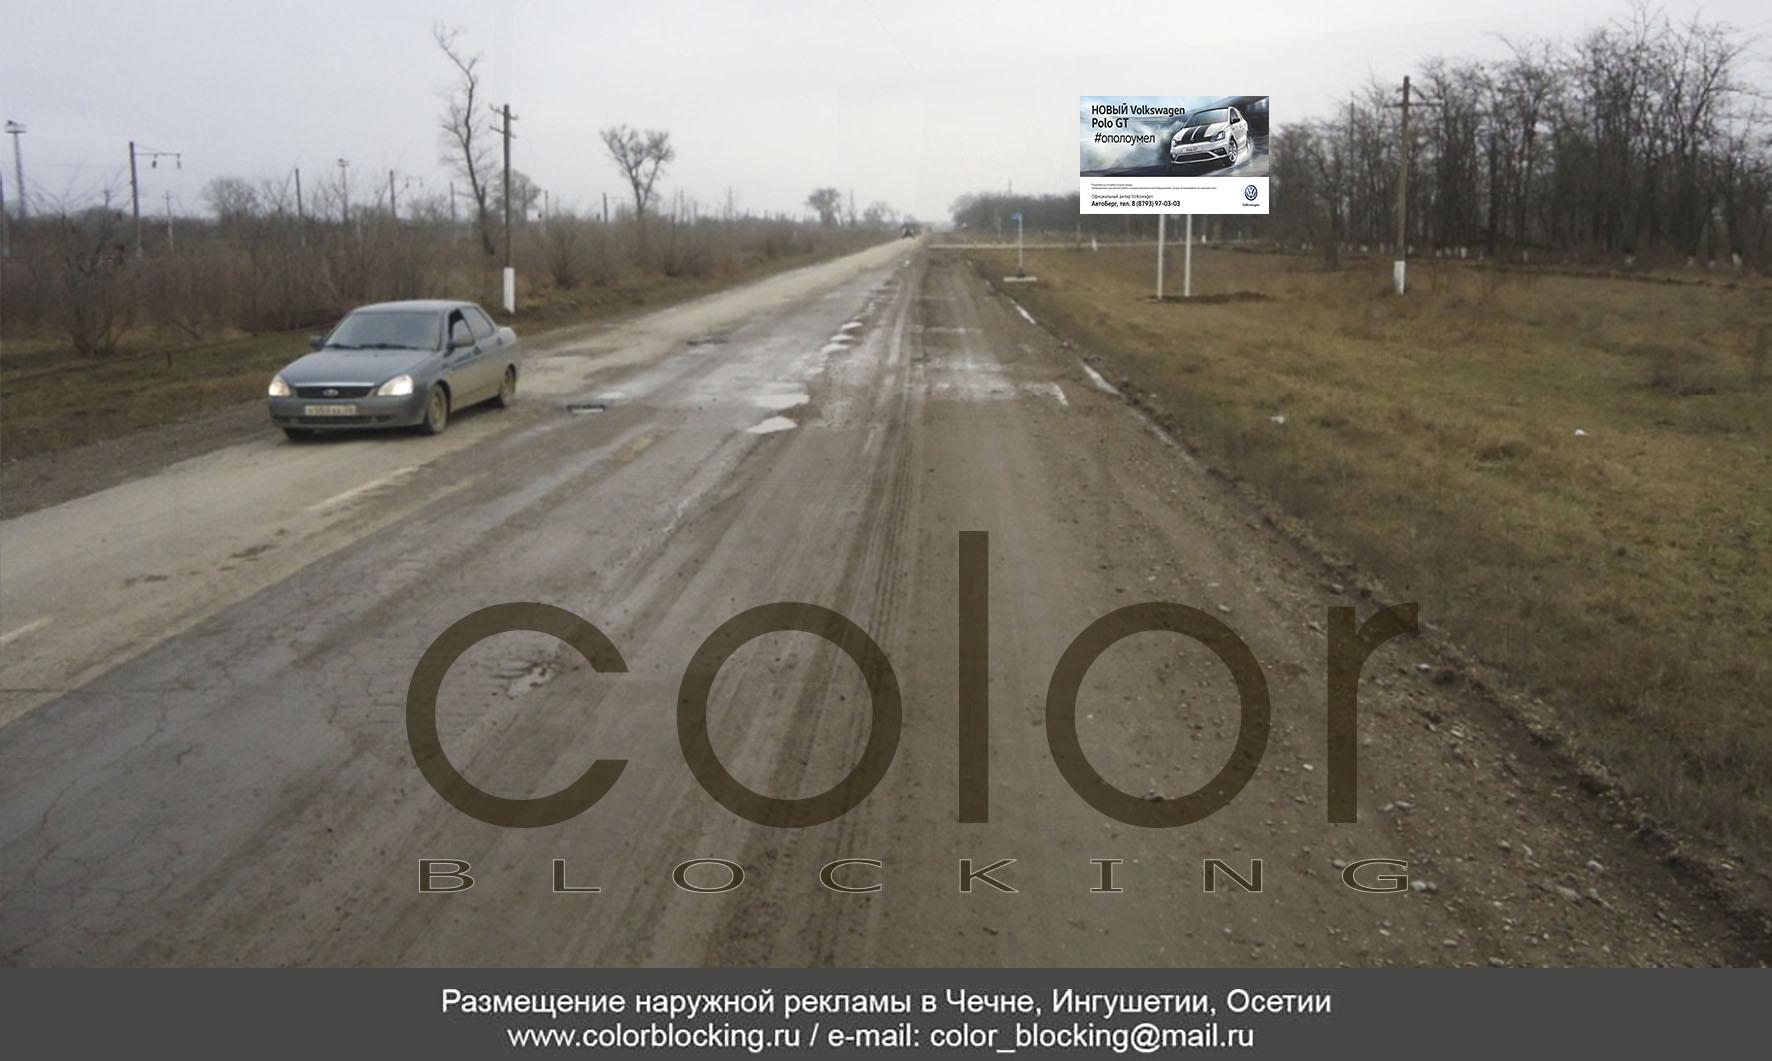 Наружная реклама в населенных пунктах Чечни поселки